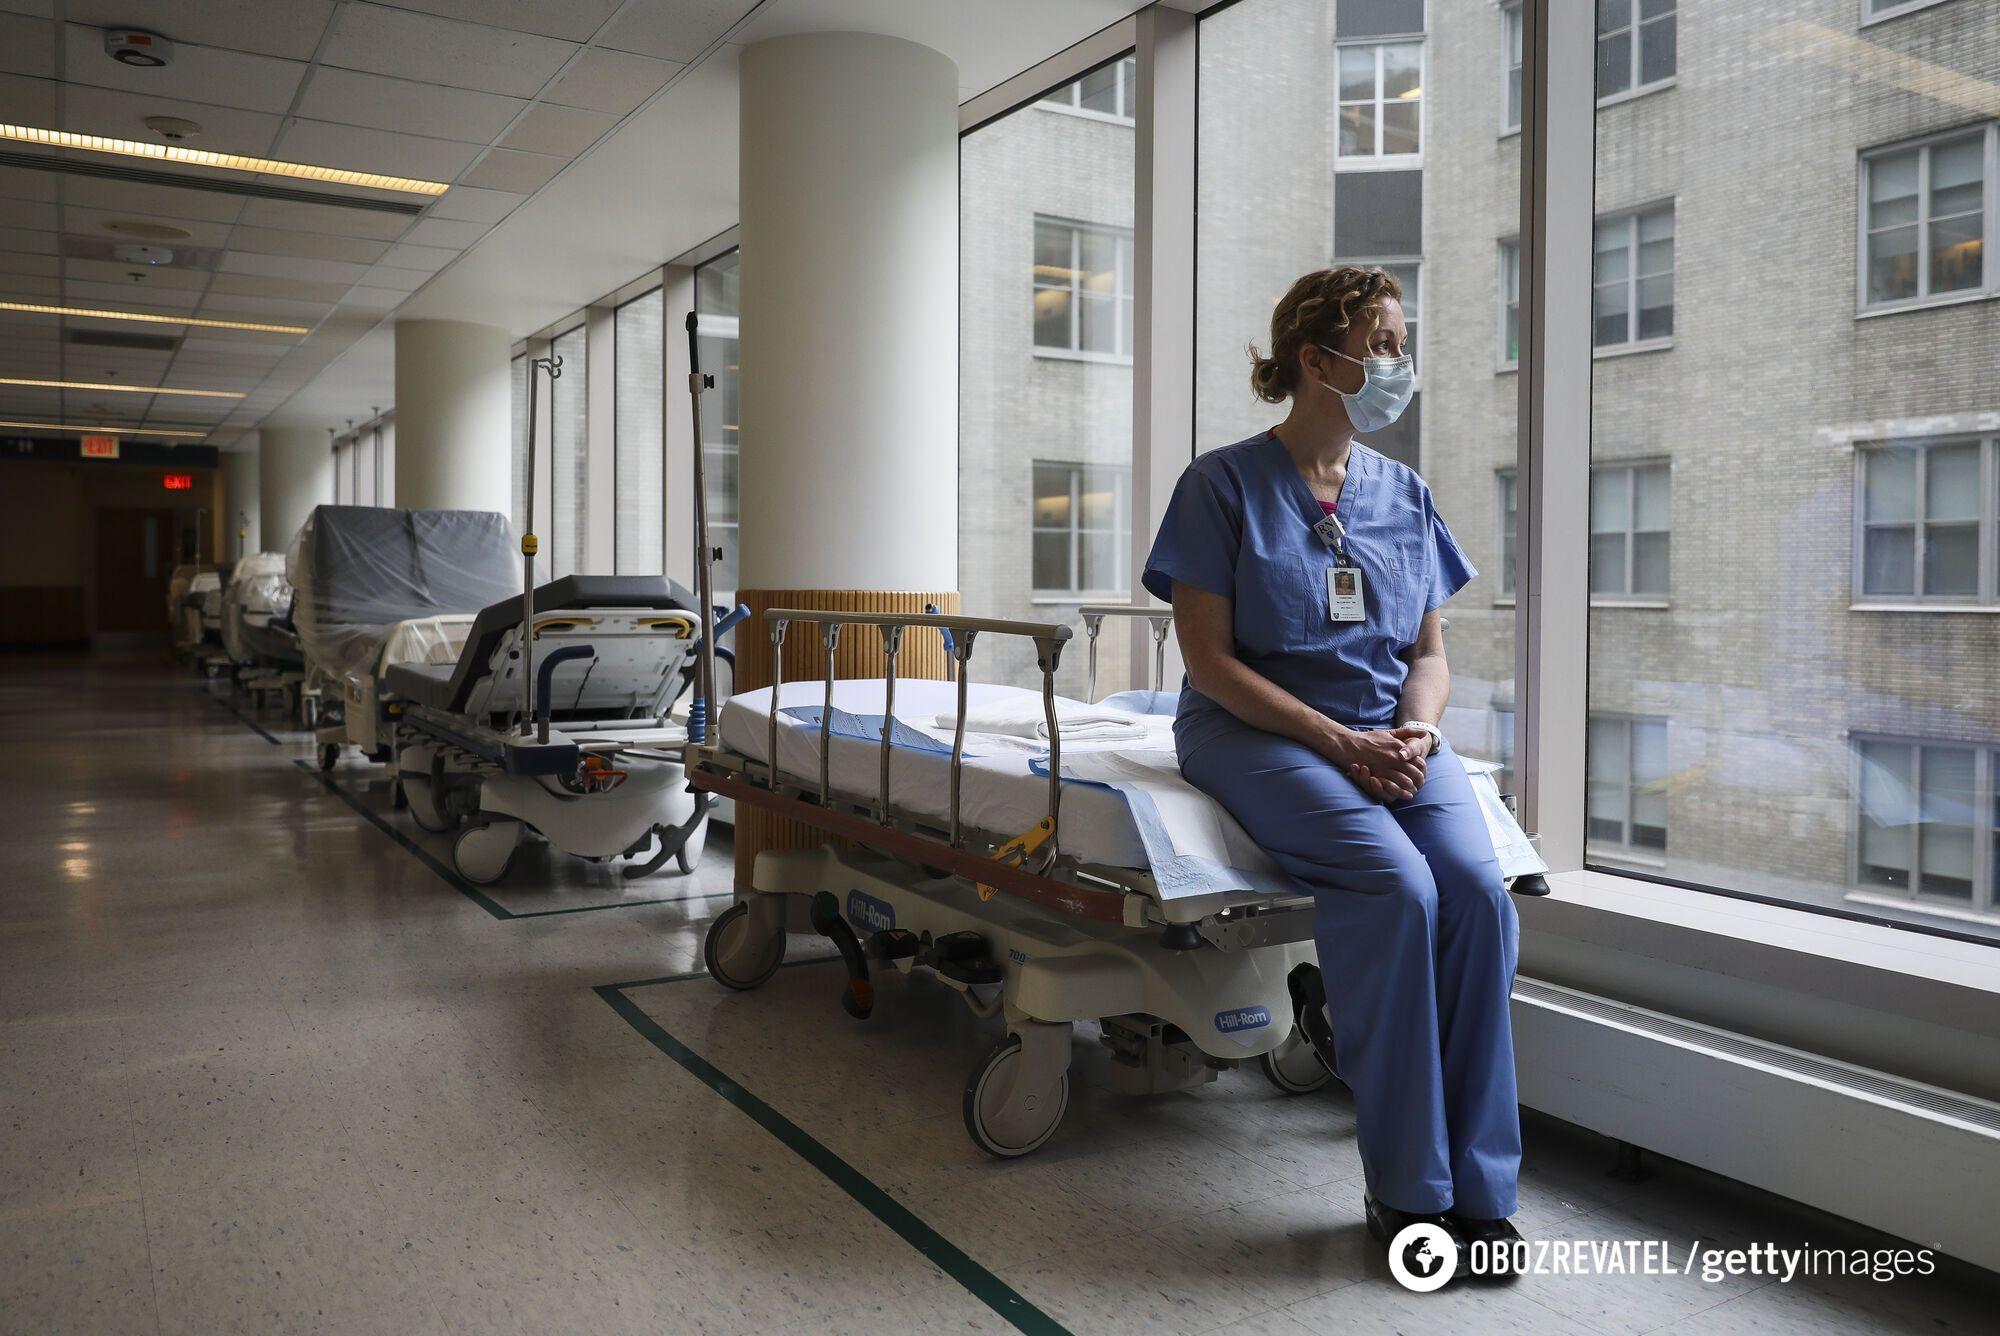 Коронавирус – не заговор против человечества, но дополнительные койки в больницах стоит развернуть